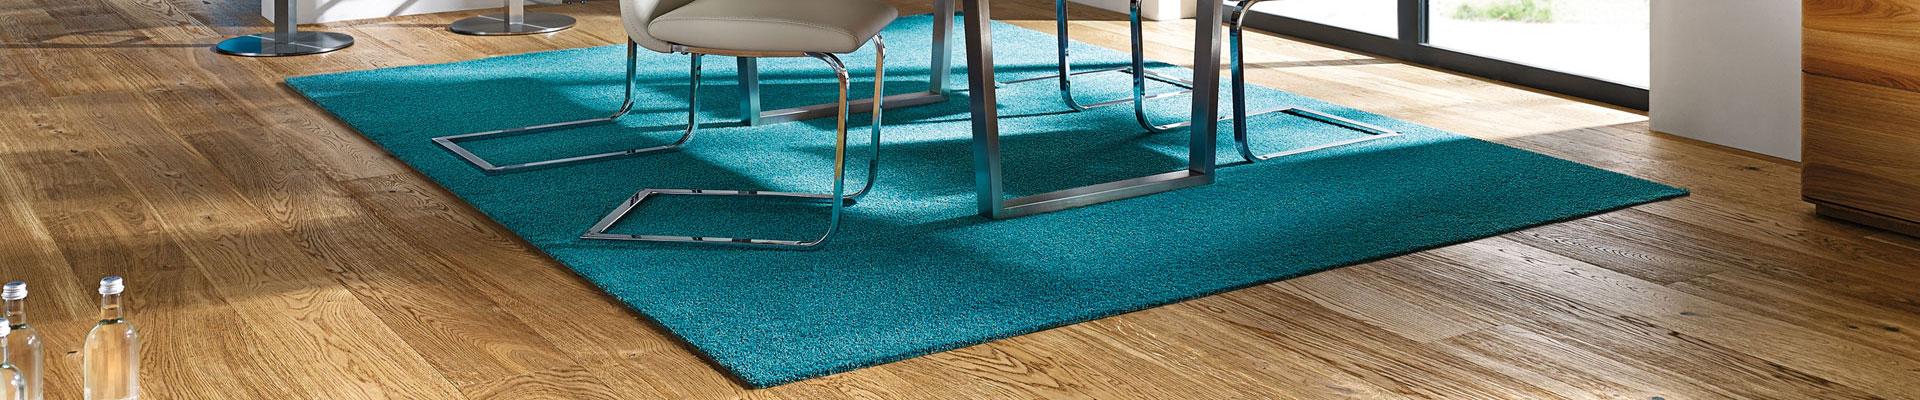 Abgepasste Teppiche im Wunschmaß